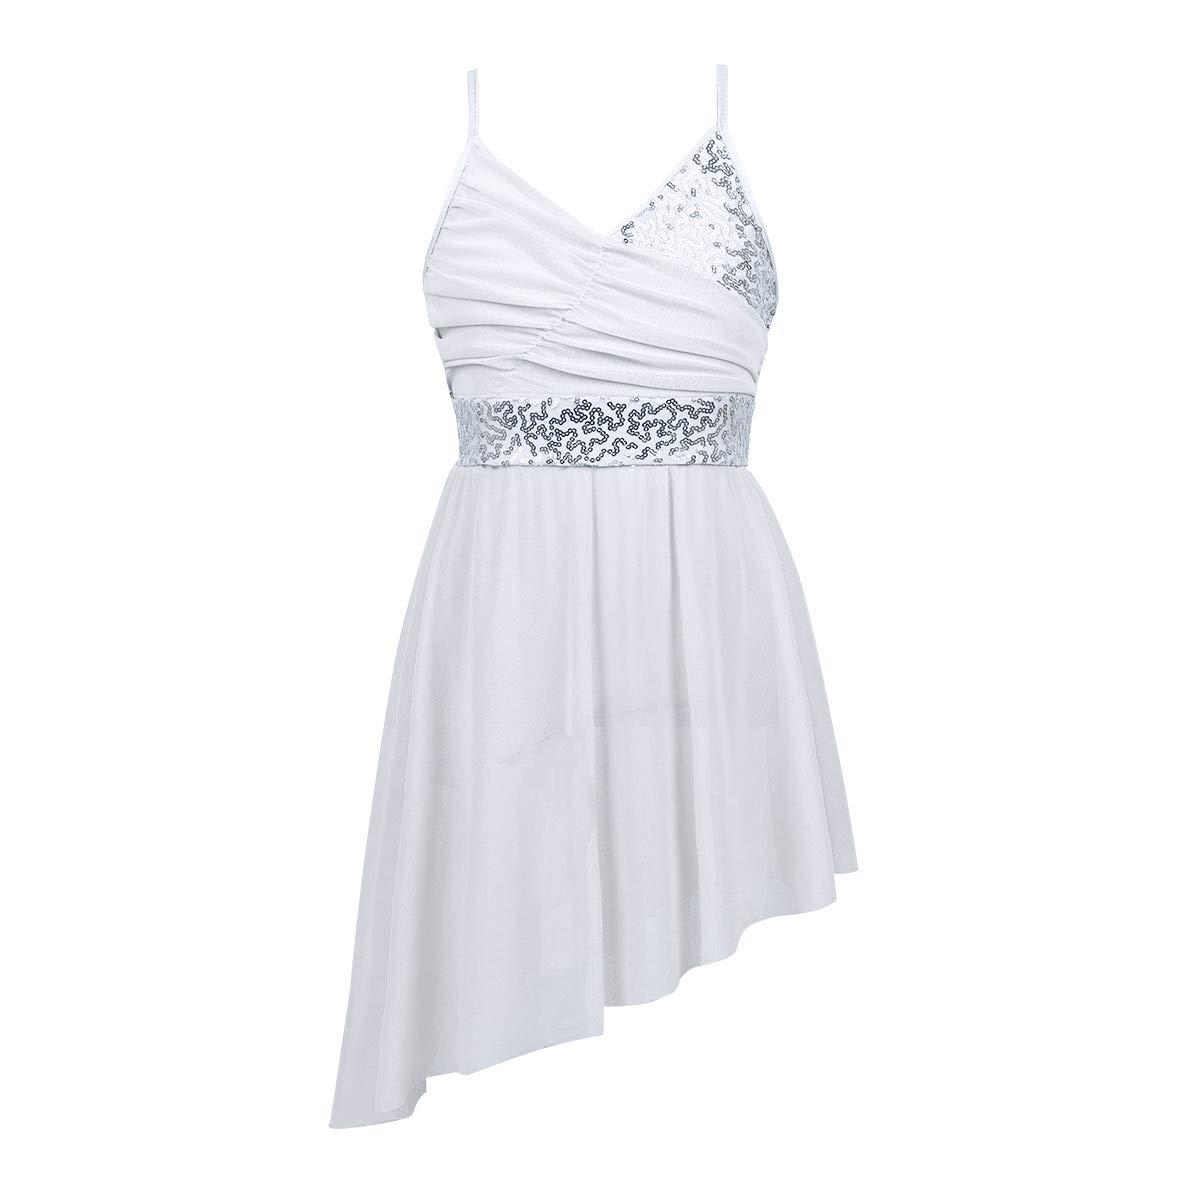 Agoky DRESS ガールズ B07J68PWR3  ホワイト 43813